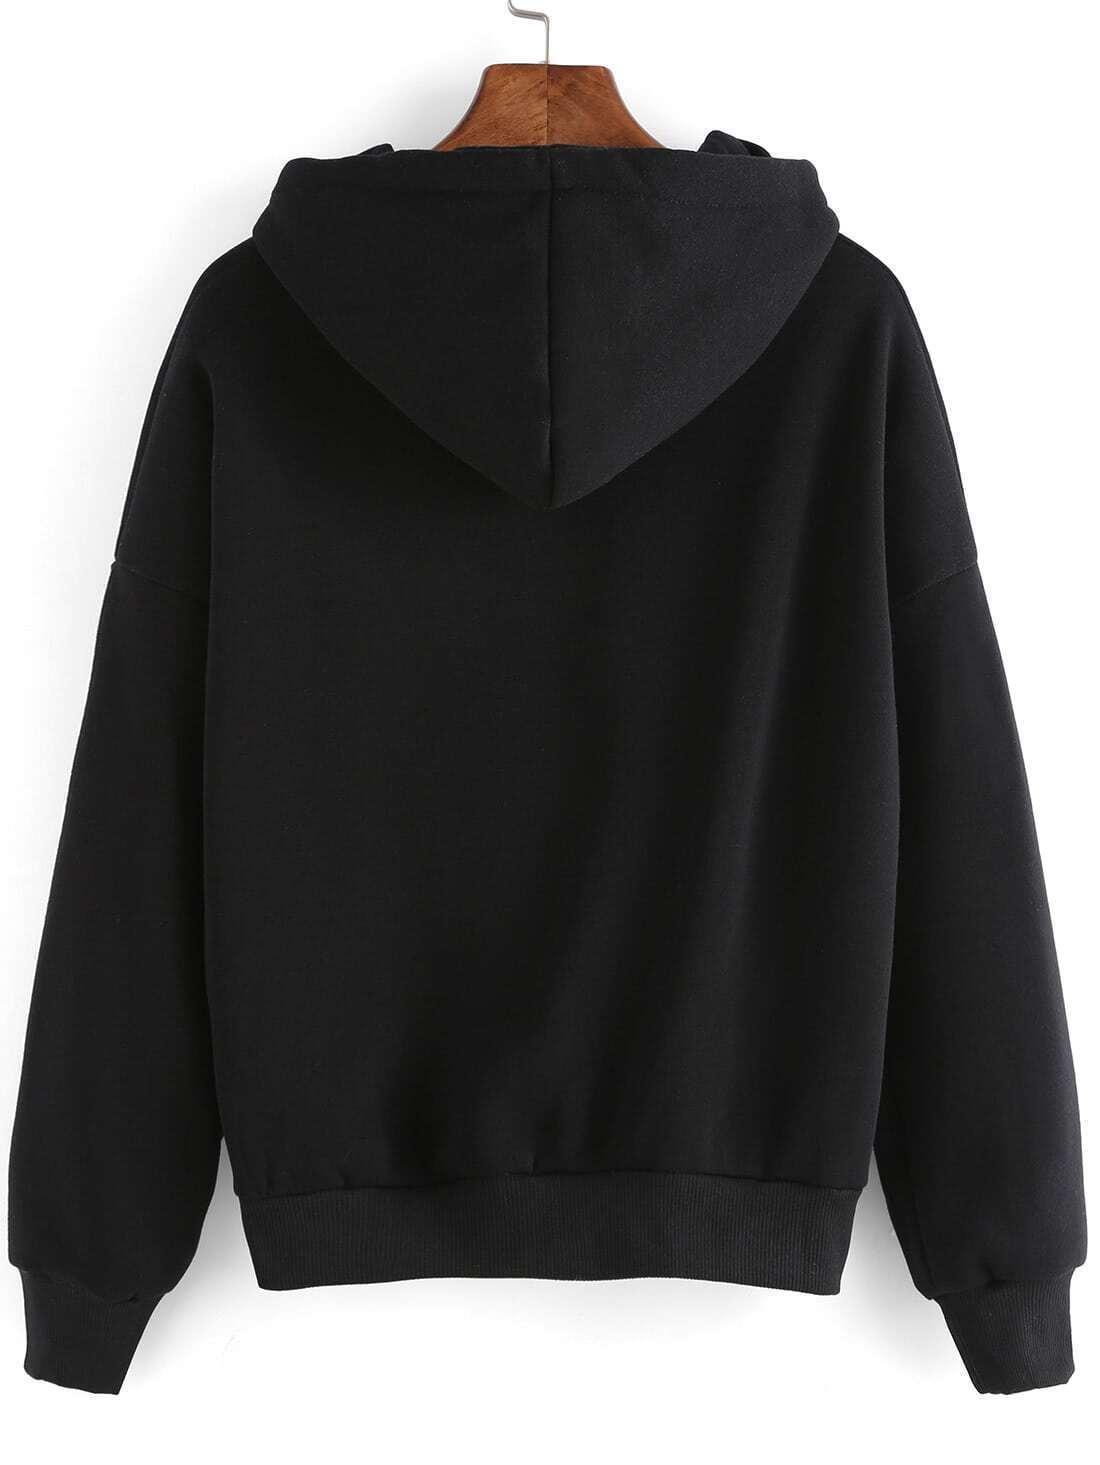 sweatshirt160805104_2